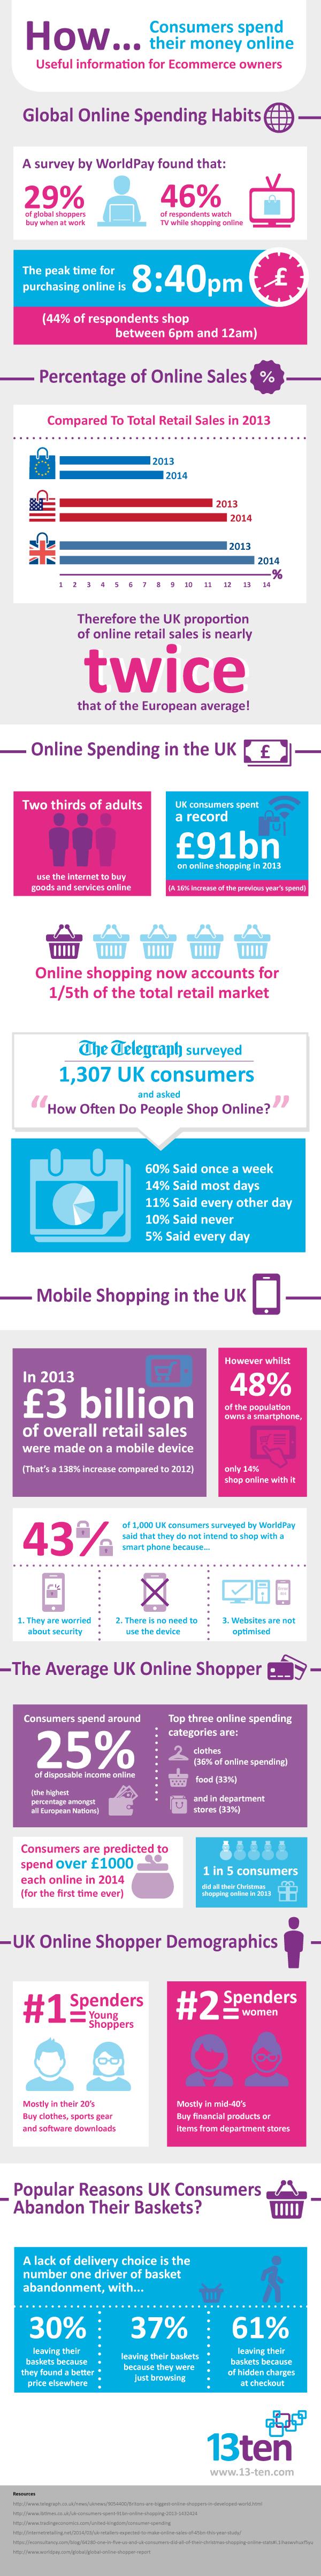 Online-Consumer-Spending-Infographic-V3